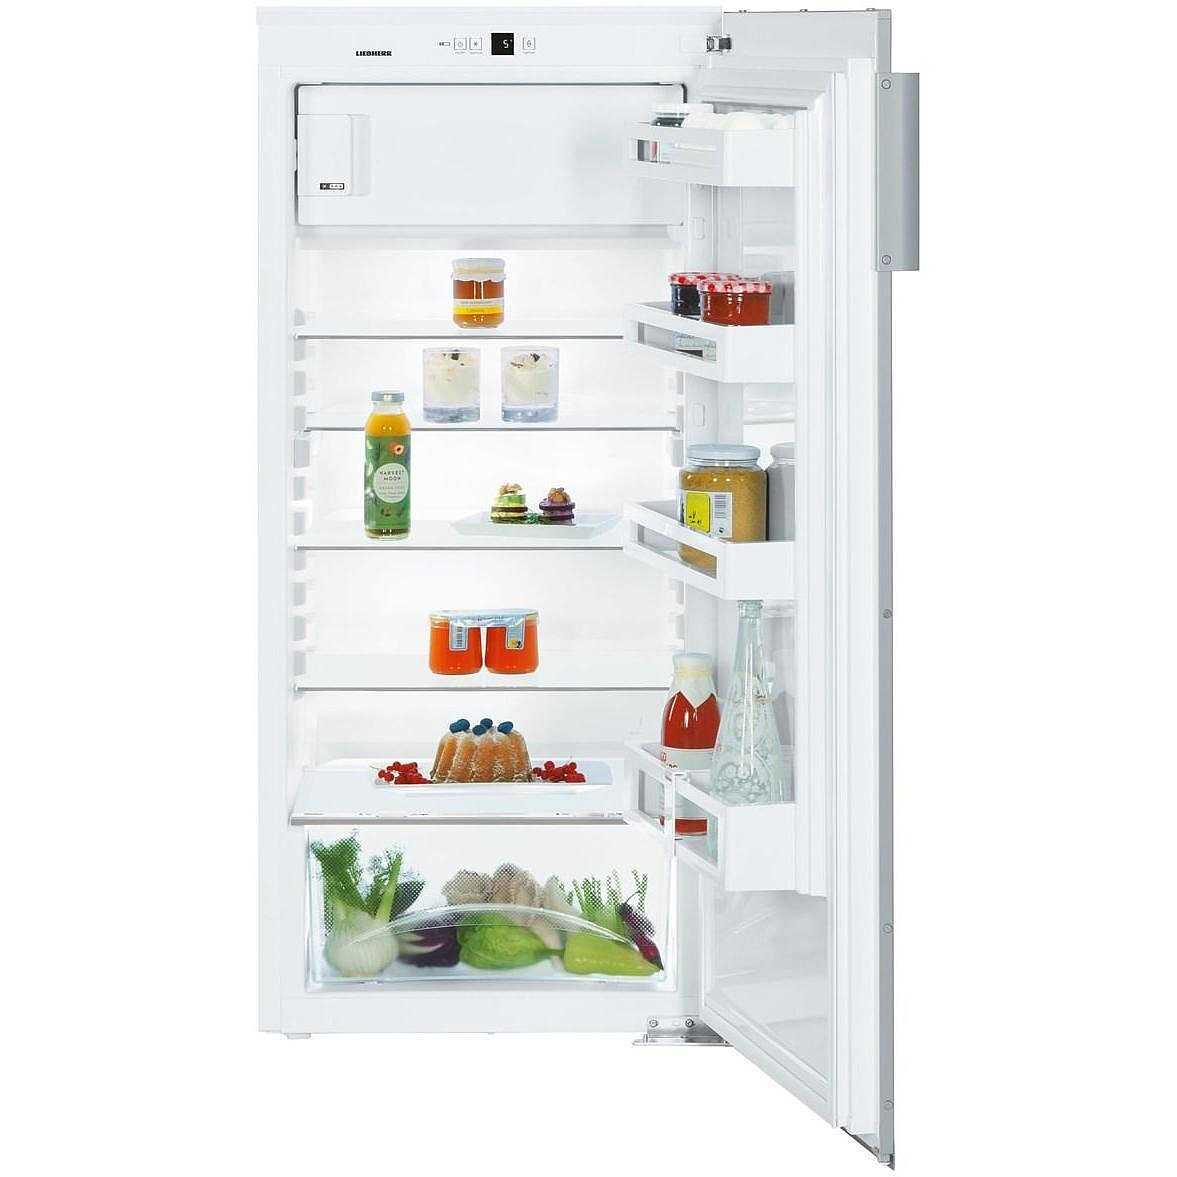 Liebherr ek 2324 frigo pannellabile da incasso 201 l for Frigo ad incasso